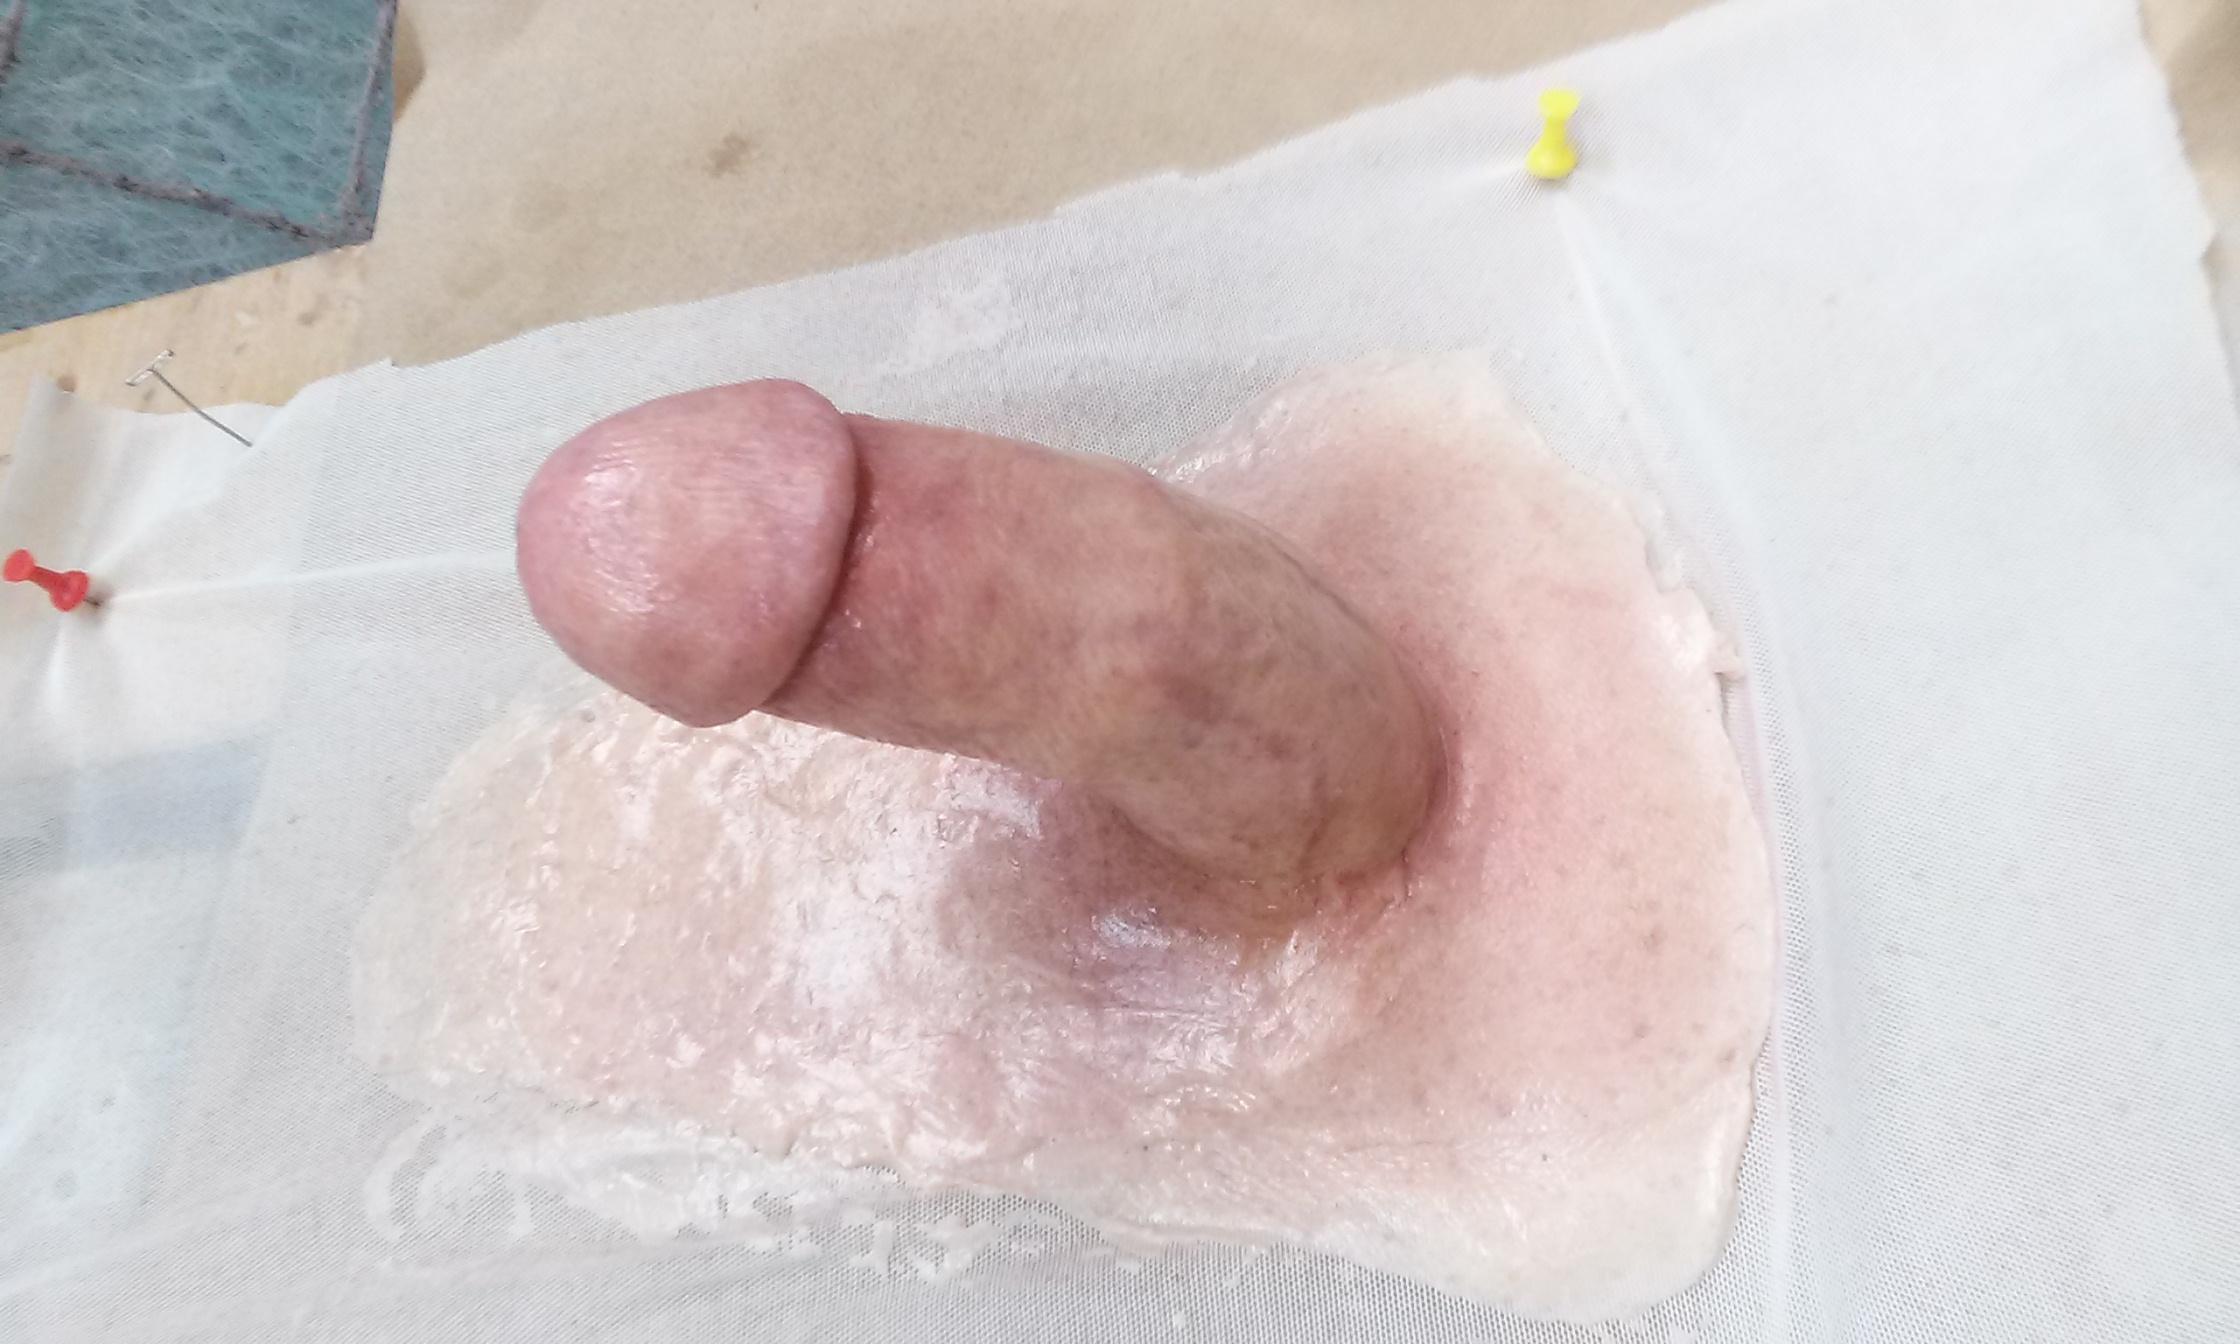 fake penis